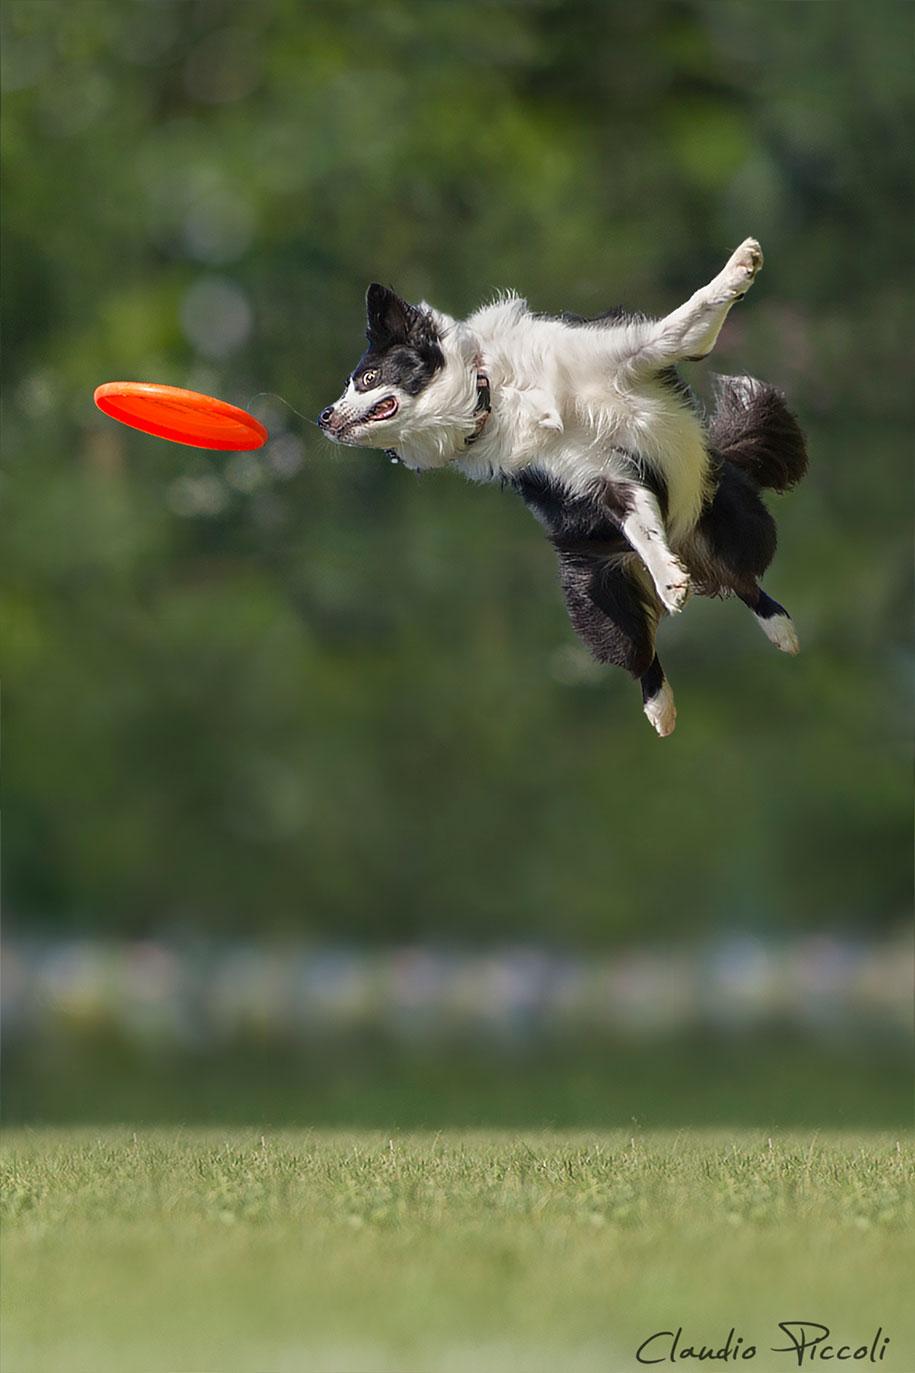 fotografia-cani-che-volano-frisbee-claudio-piccoli-15